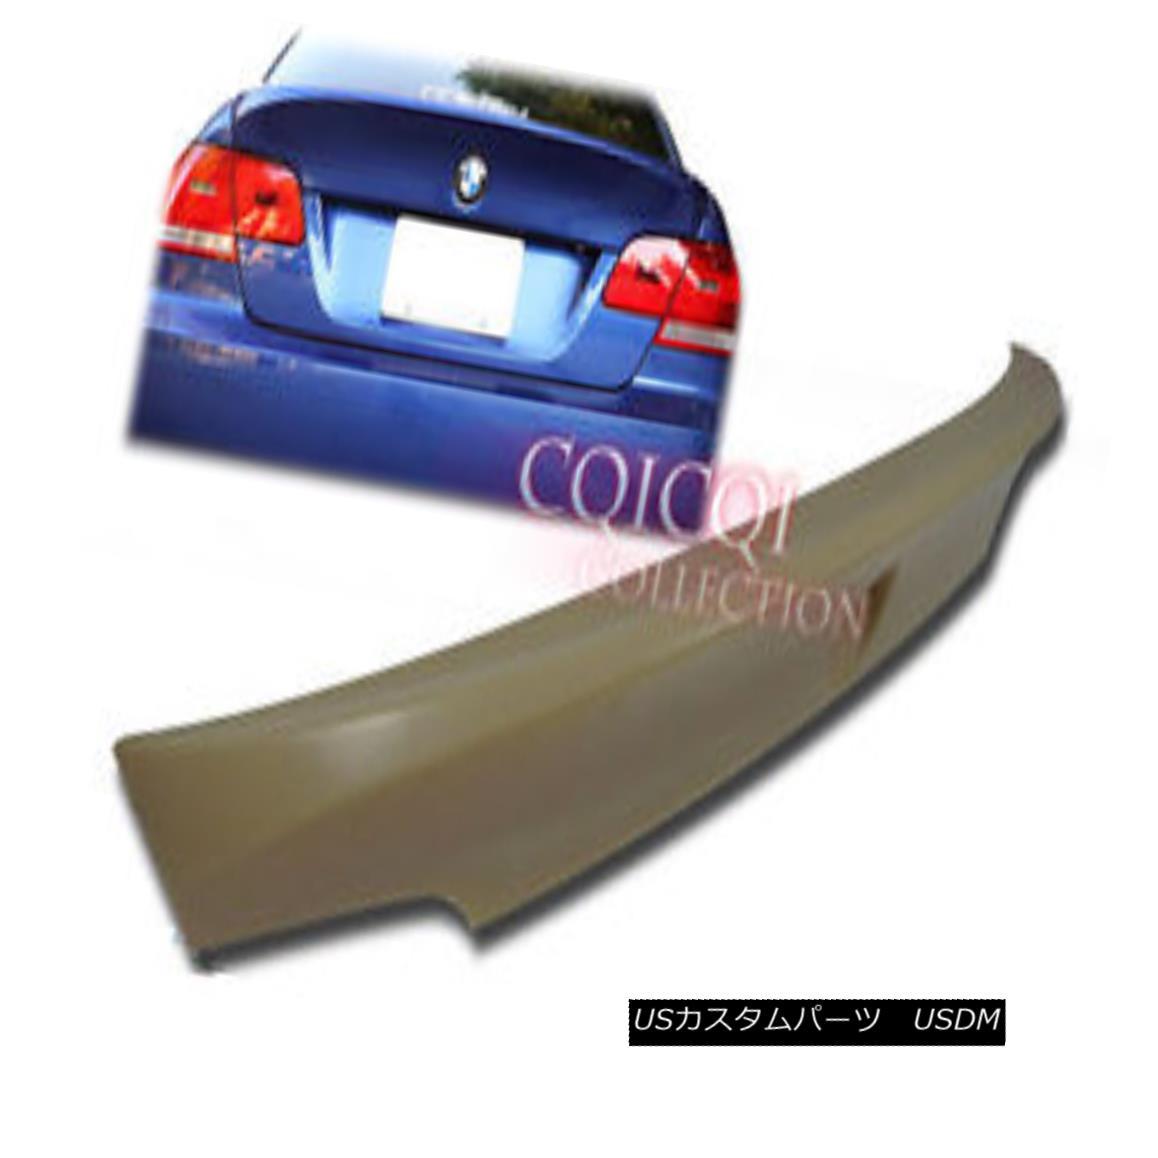 エアロパーツ Unpainted BMW 07~13 E92 3er coupe CSL type trunk spoiler ◎ 未塗装BMW 07?13 E92 3erクーペCSL型トランク・スポイラー?